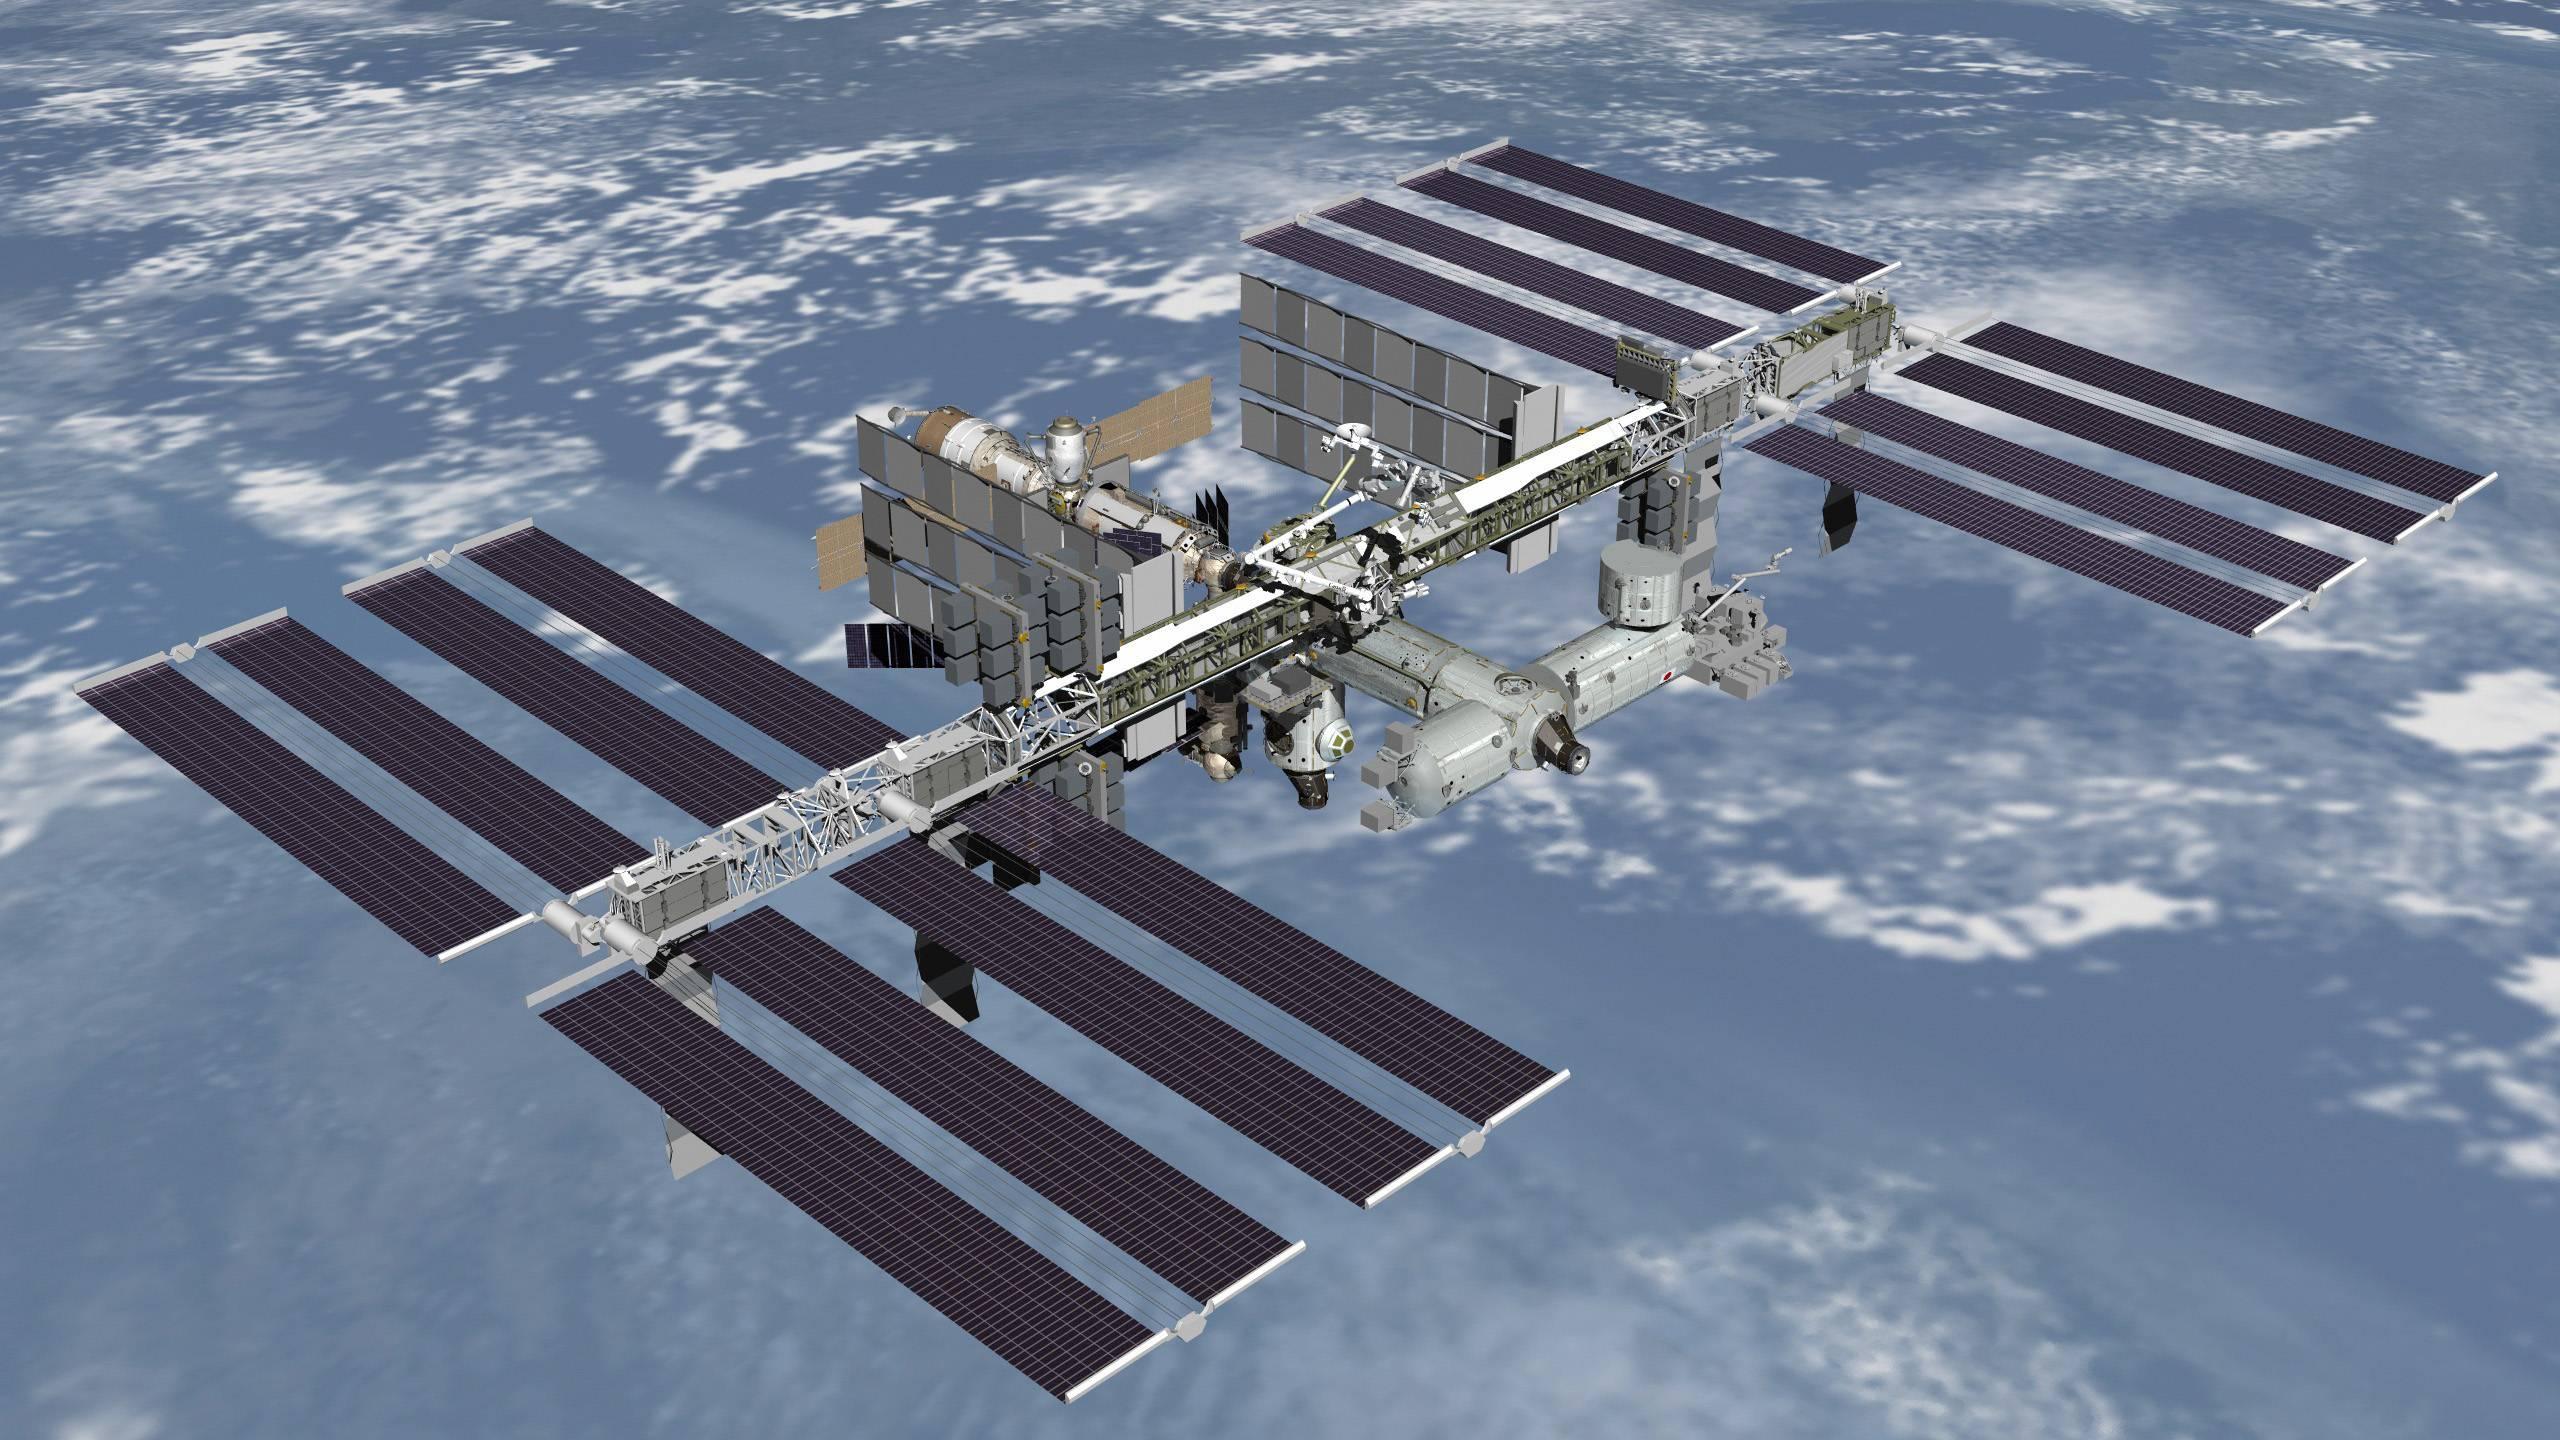 ISS慢扫描电视(SSTV)